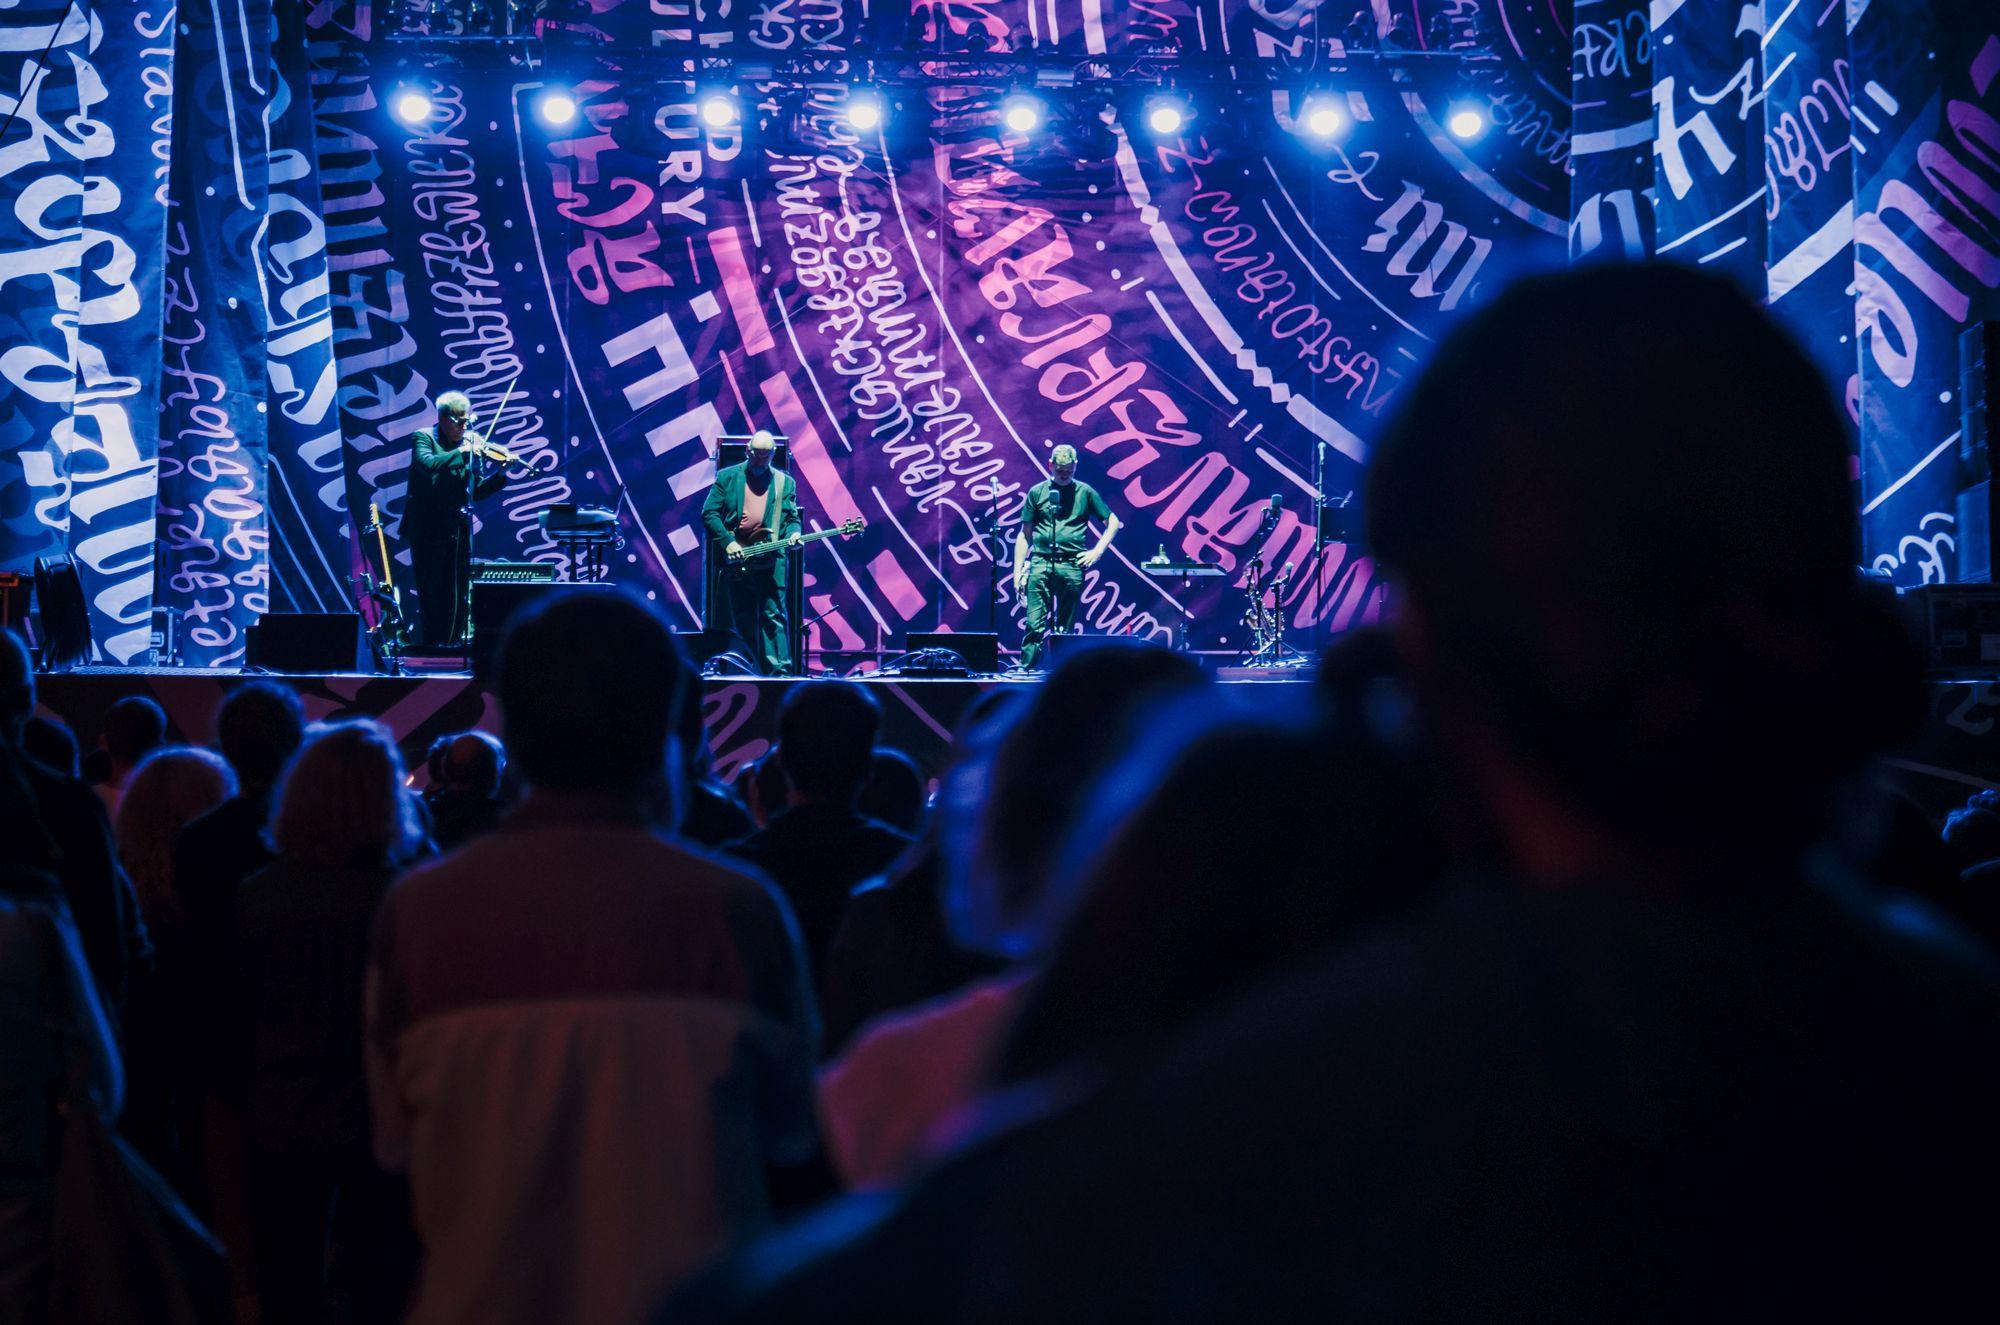 [Koncert na Scenie Głównej. Mężczyzna grający na skrzypcach, gitarzysta oraz wokalista. W tle scenografia  logo festiwalu Inne Brzmienia. Pod sceną zebrana publiczność.]